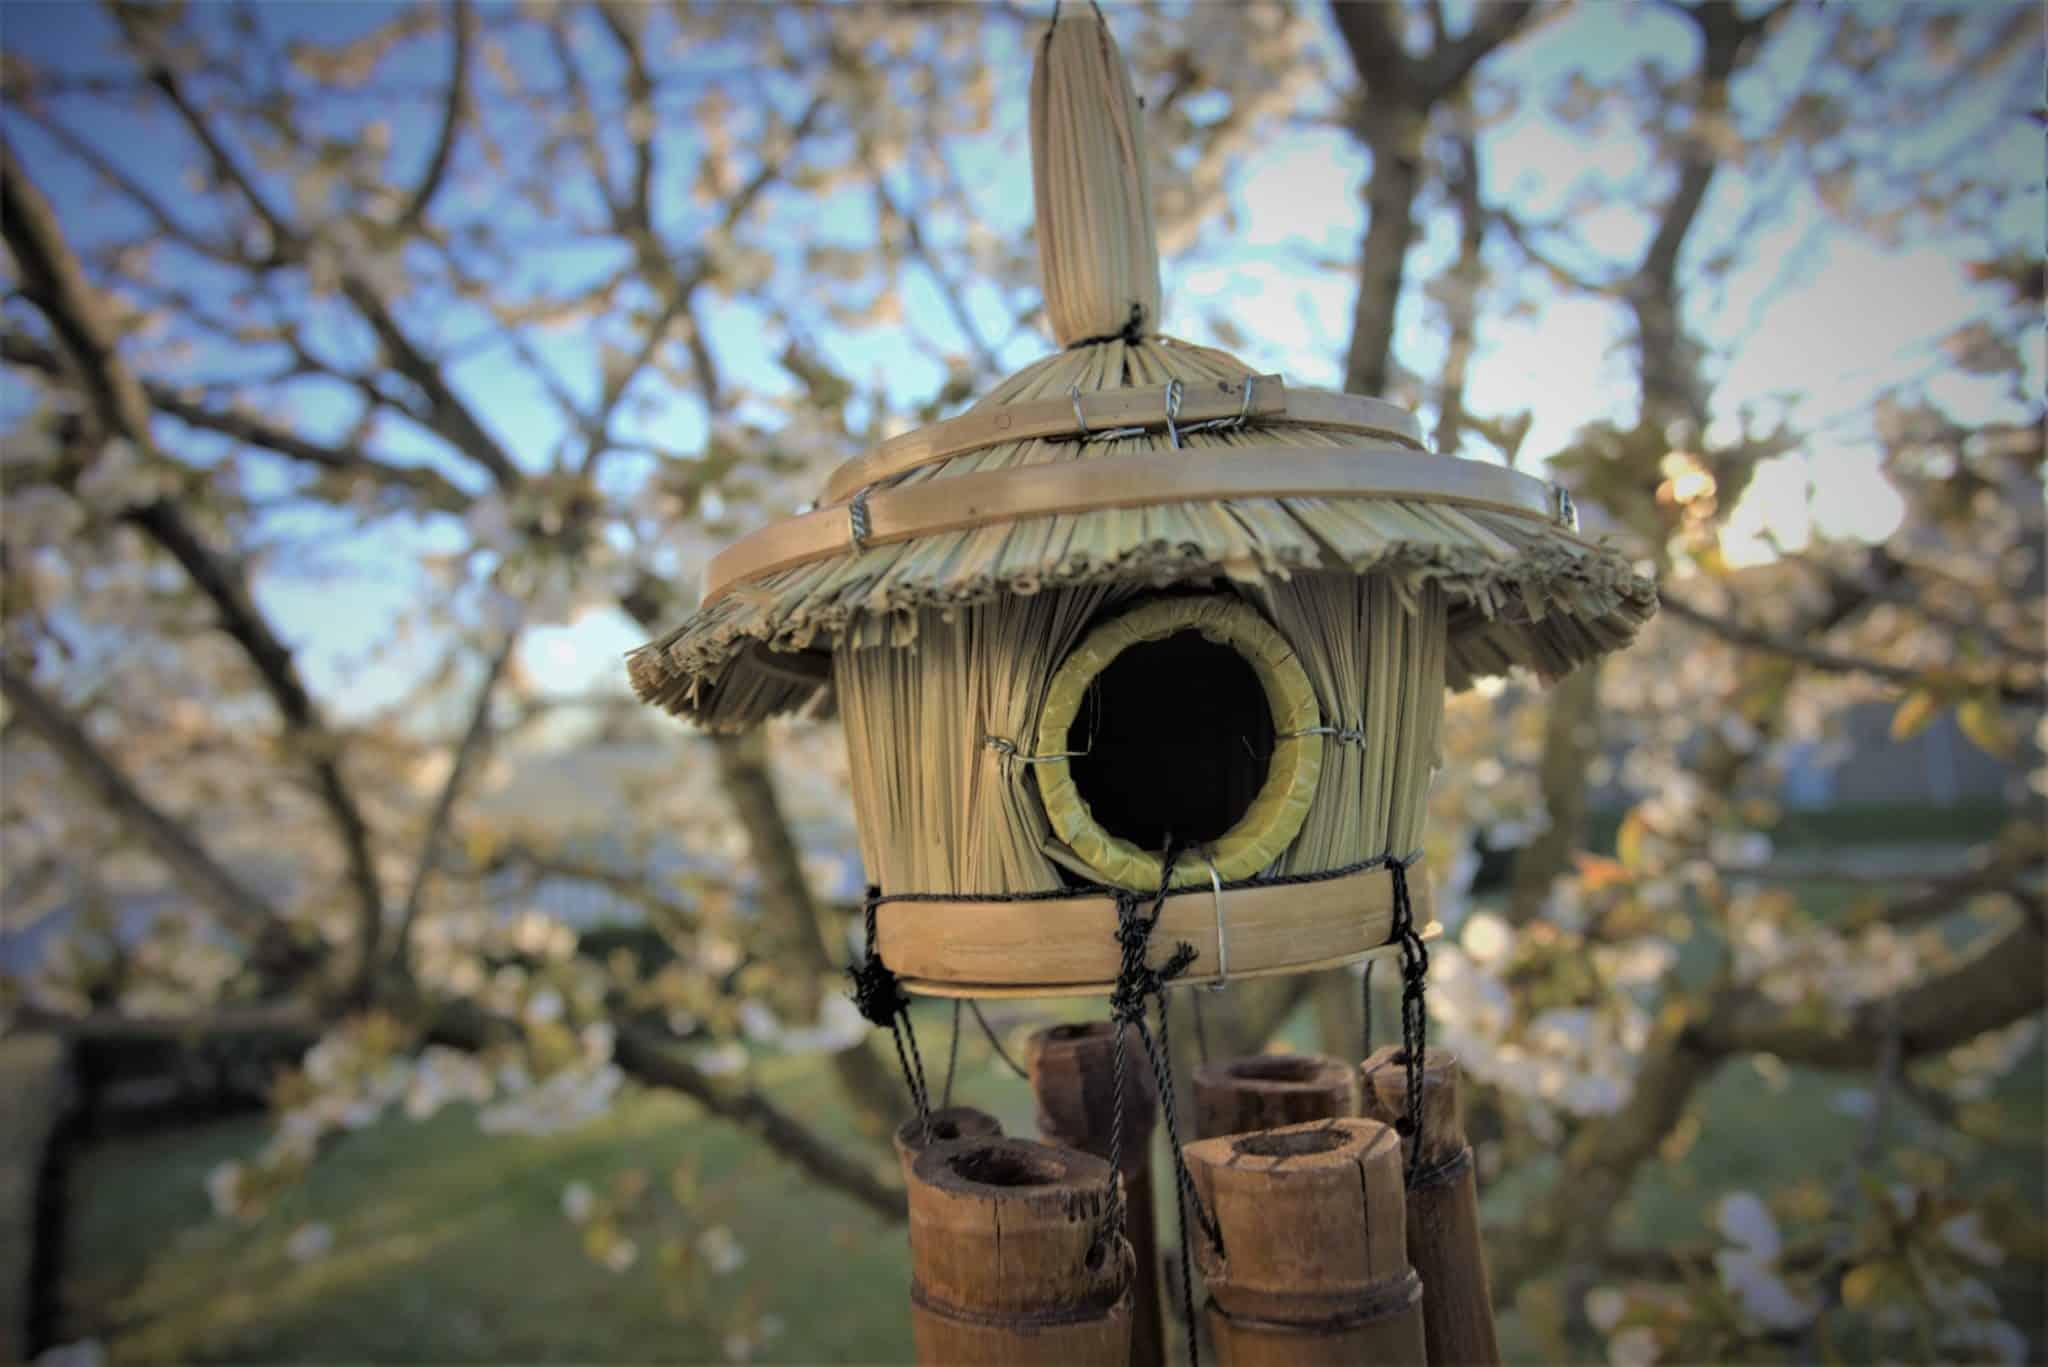 carillon à vent bambou bali paris mes indes galantes